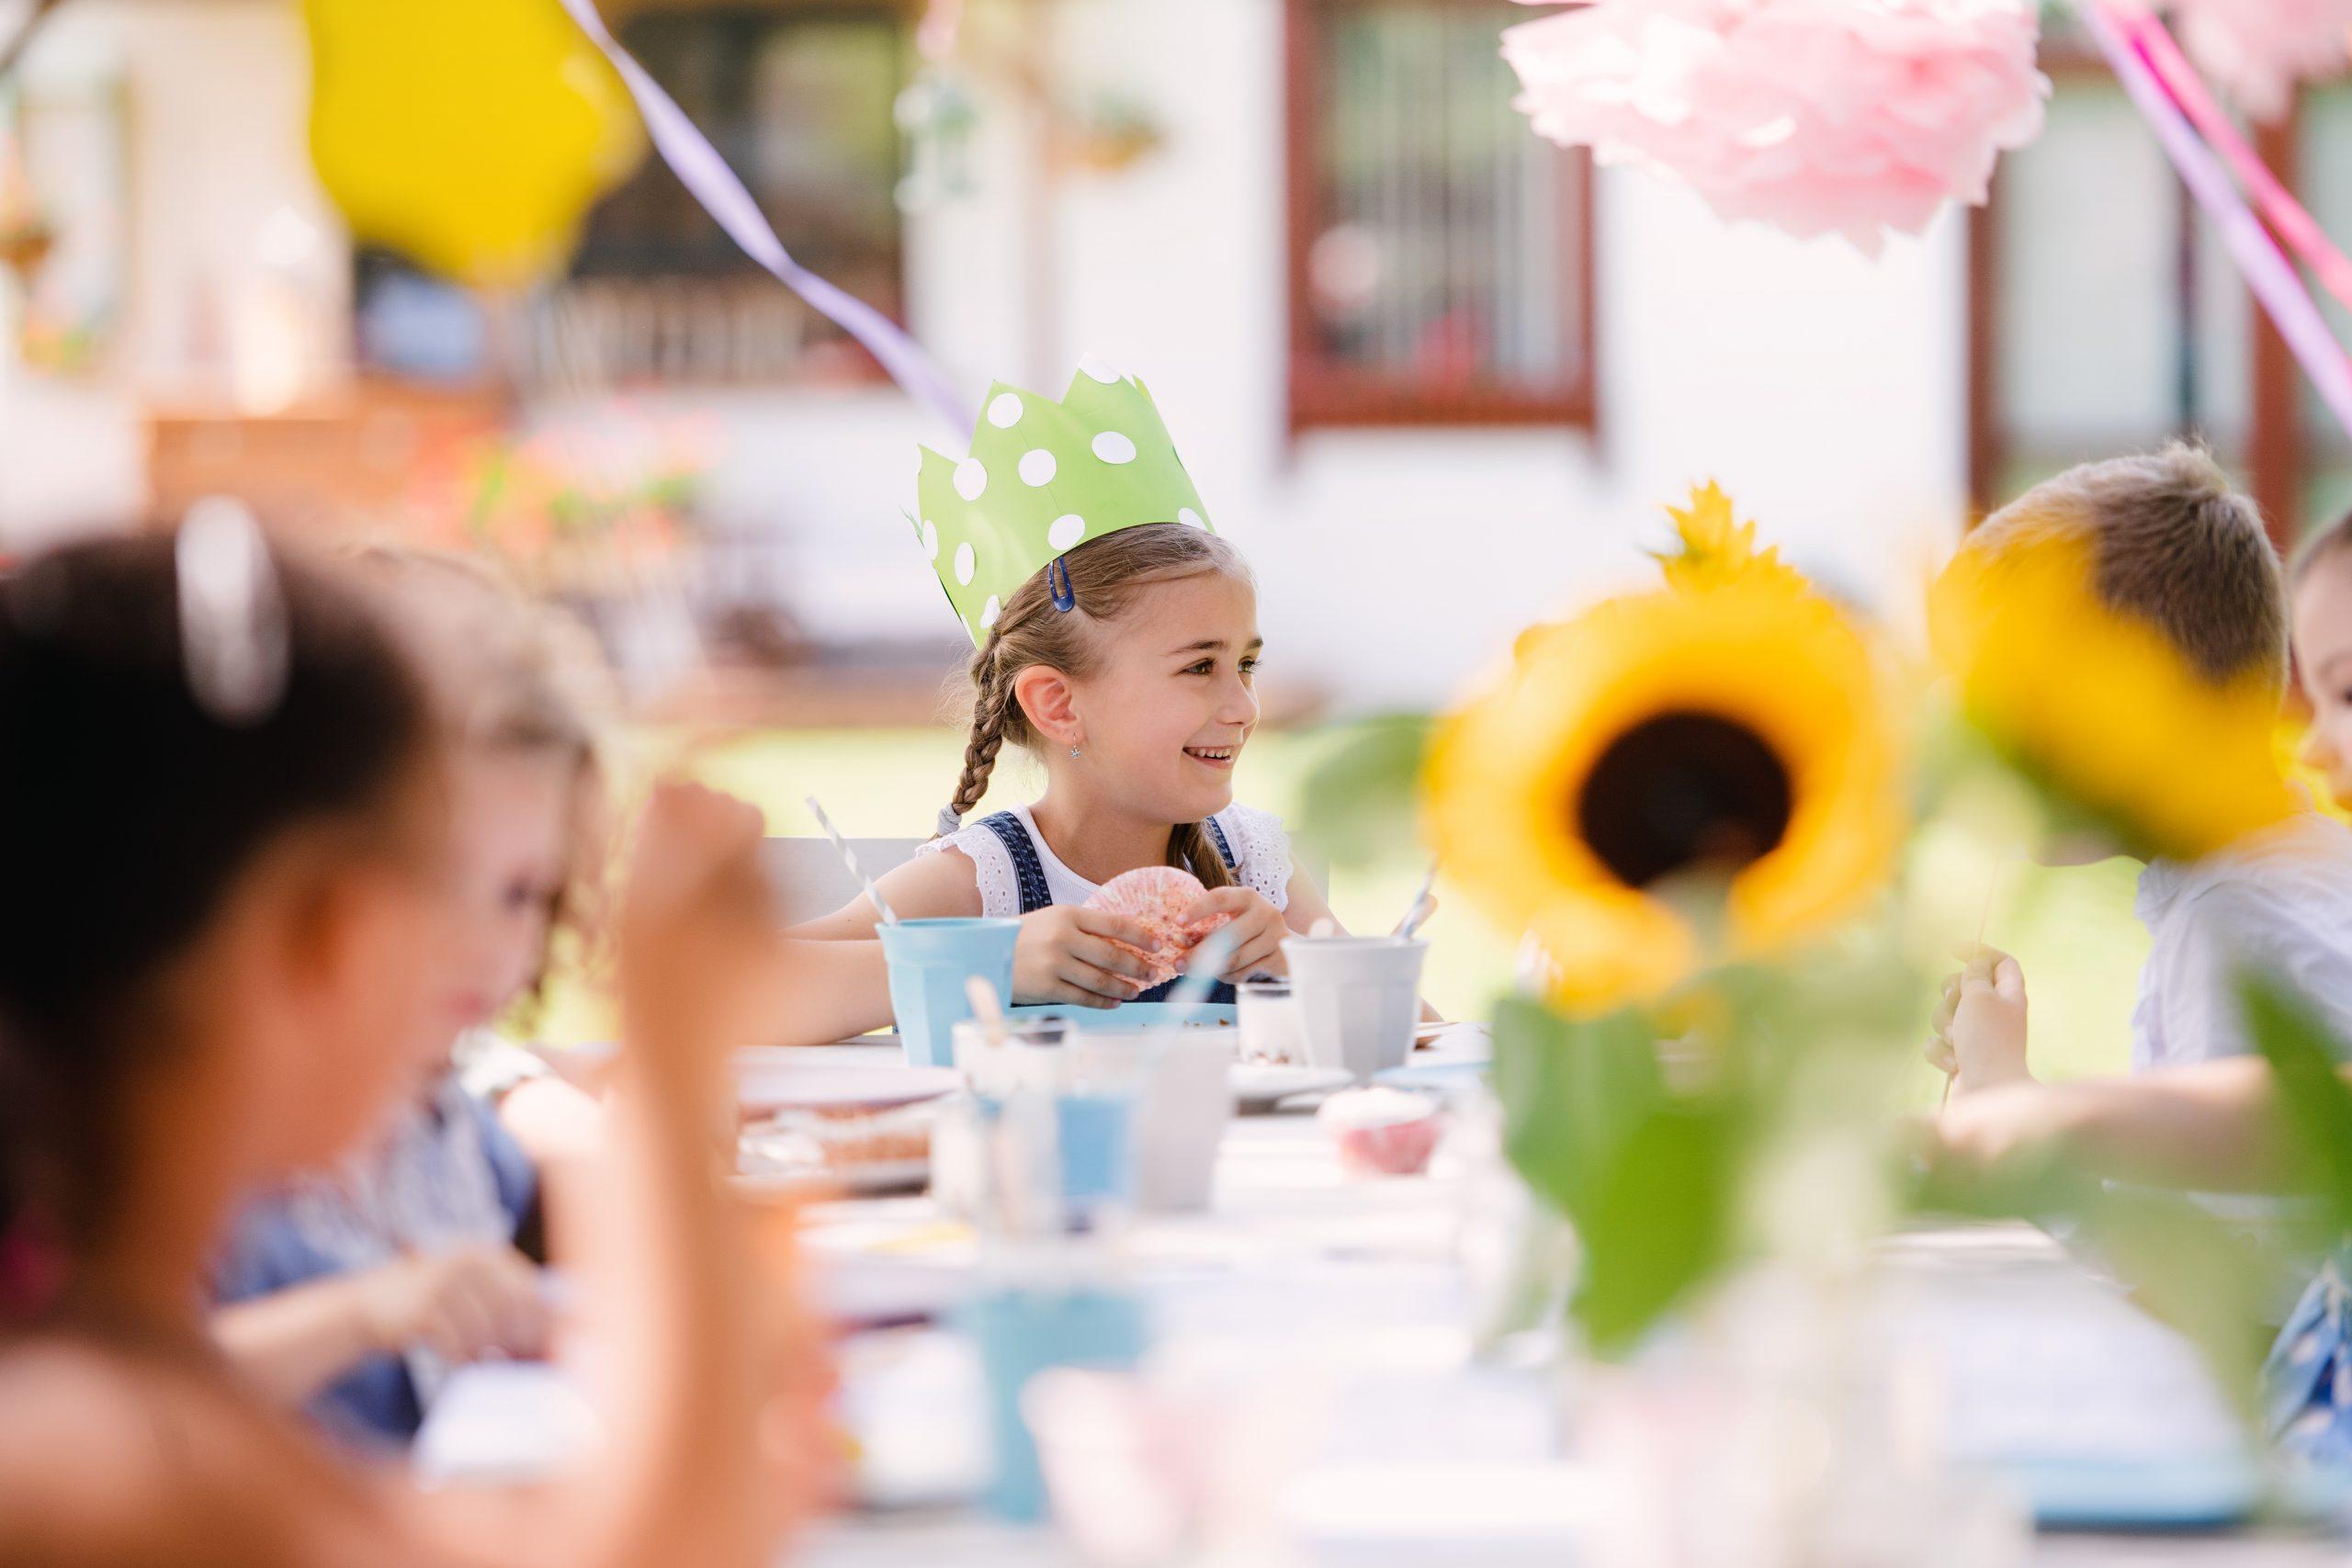 CCC Кетъринг | Кетъринг Варна, Хапки за Кетъринг,Кетъринг Хапки - Кетъринг за детски рожден ден | Оферта - Кетъринг Варна, Хапки за Кетъринг,Кетъринг Хапки